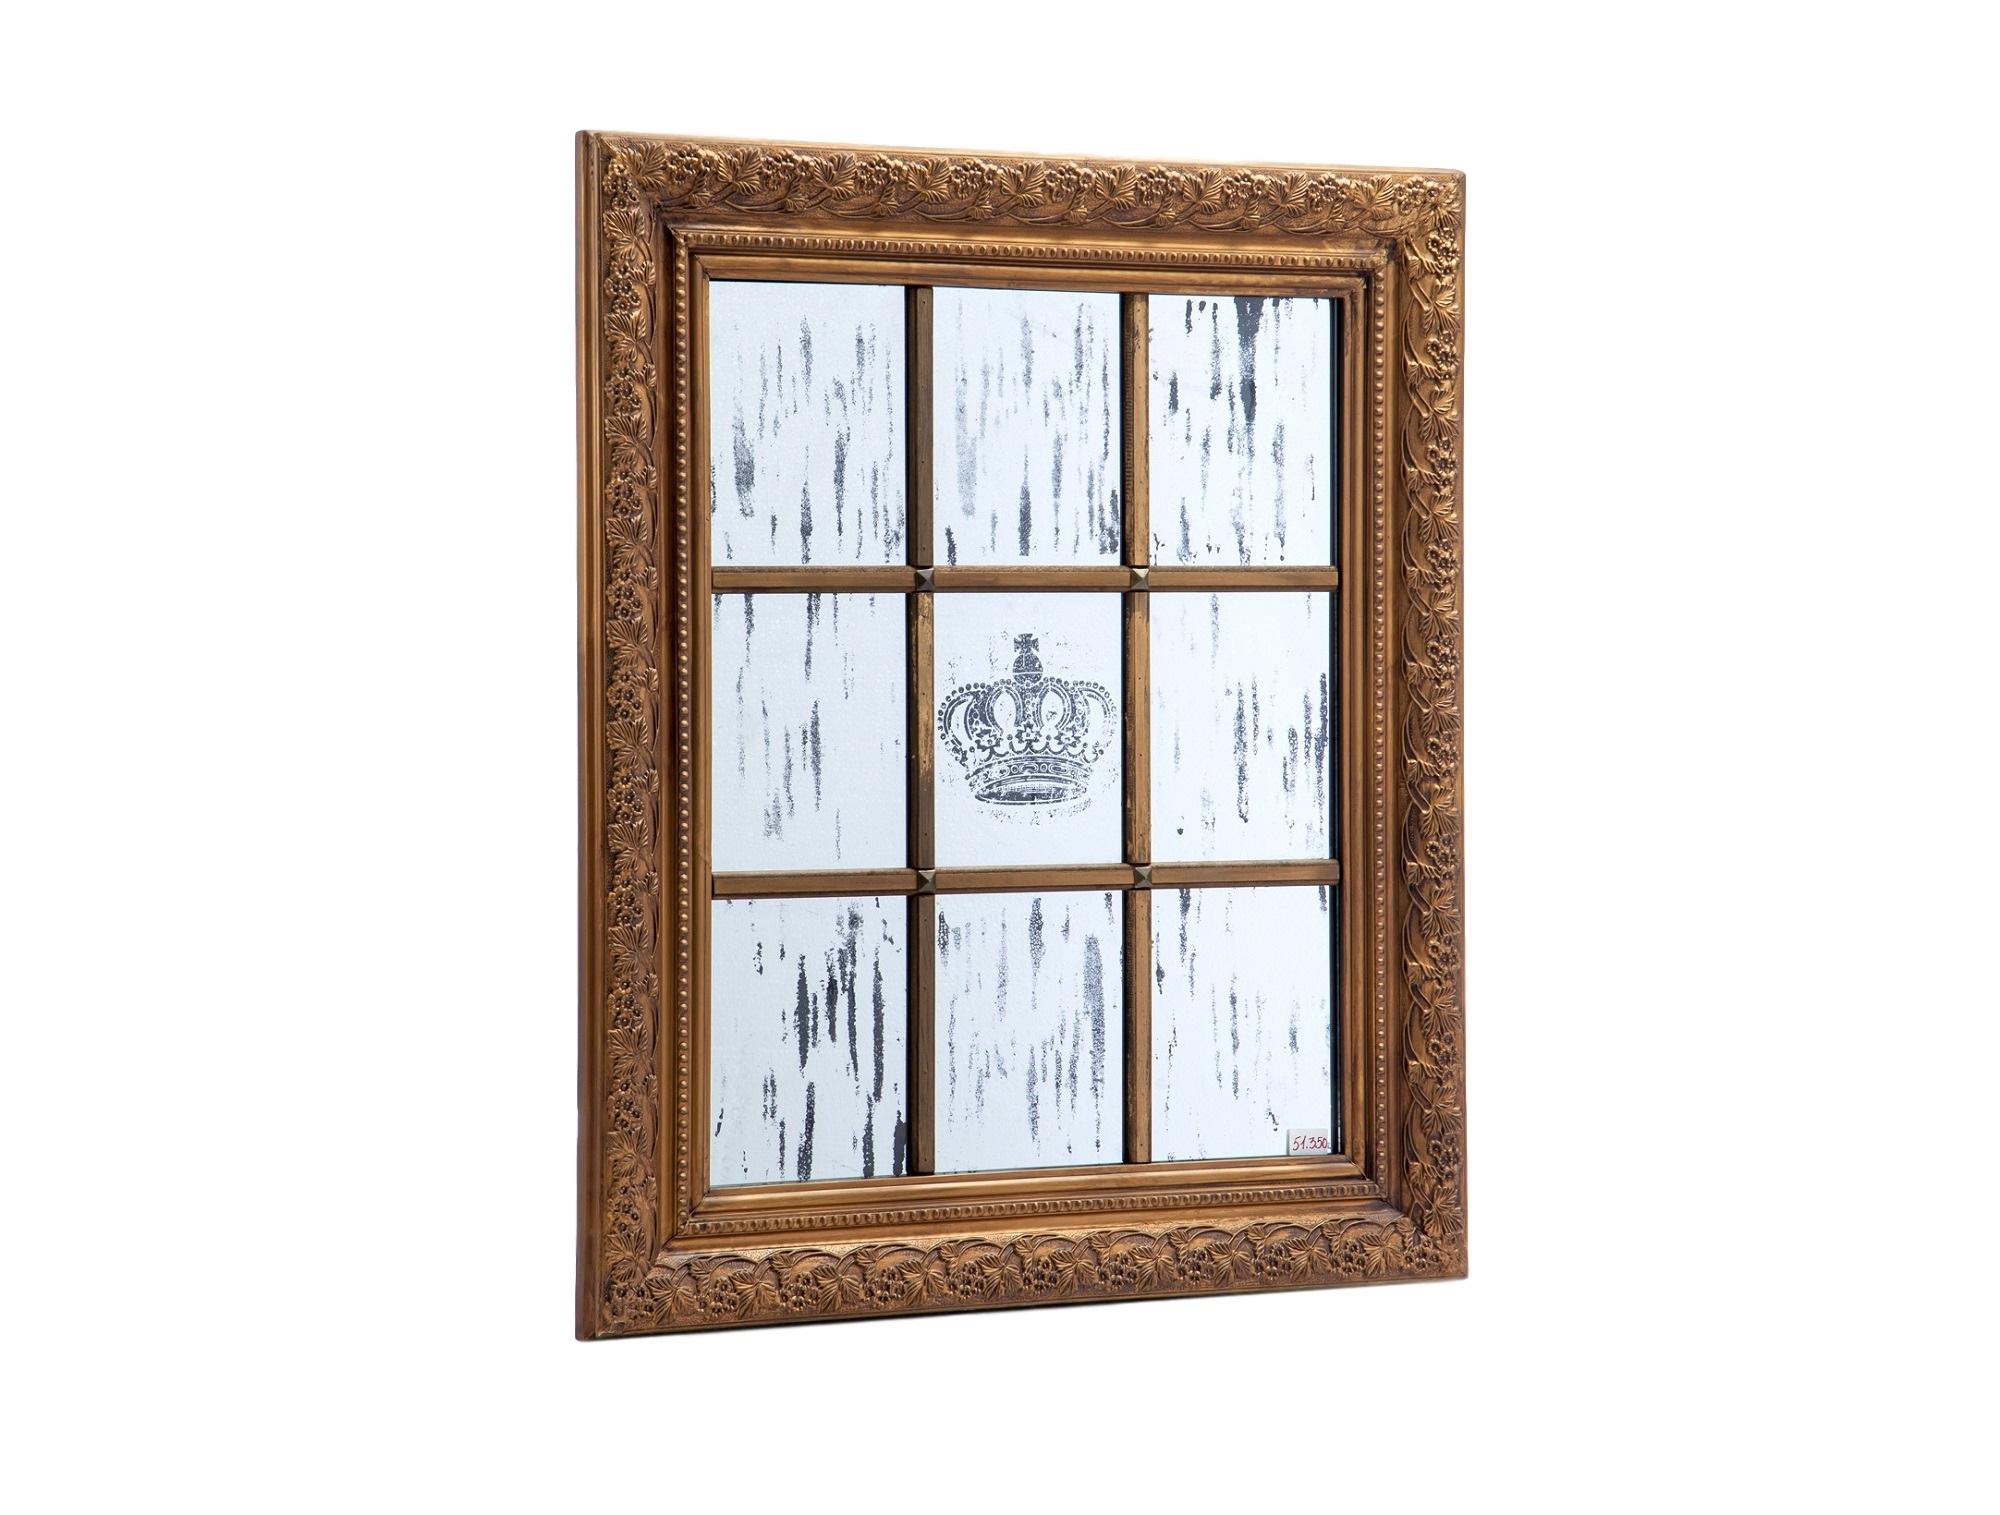 ЗеркалоНастенные зеркала<br>Зеркало,украшенное рисунком и старением , в декорированной раме.<br><br>Material: Дерево<br>Width см: 72<br>Depth см: 6<br>Height см: 107